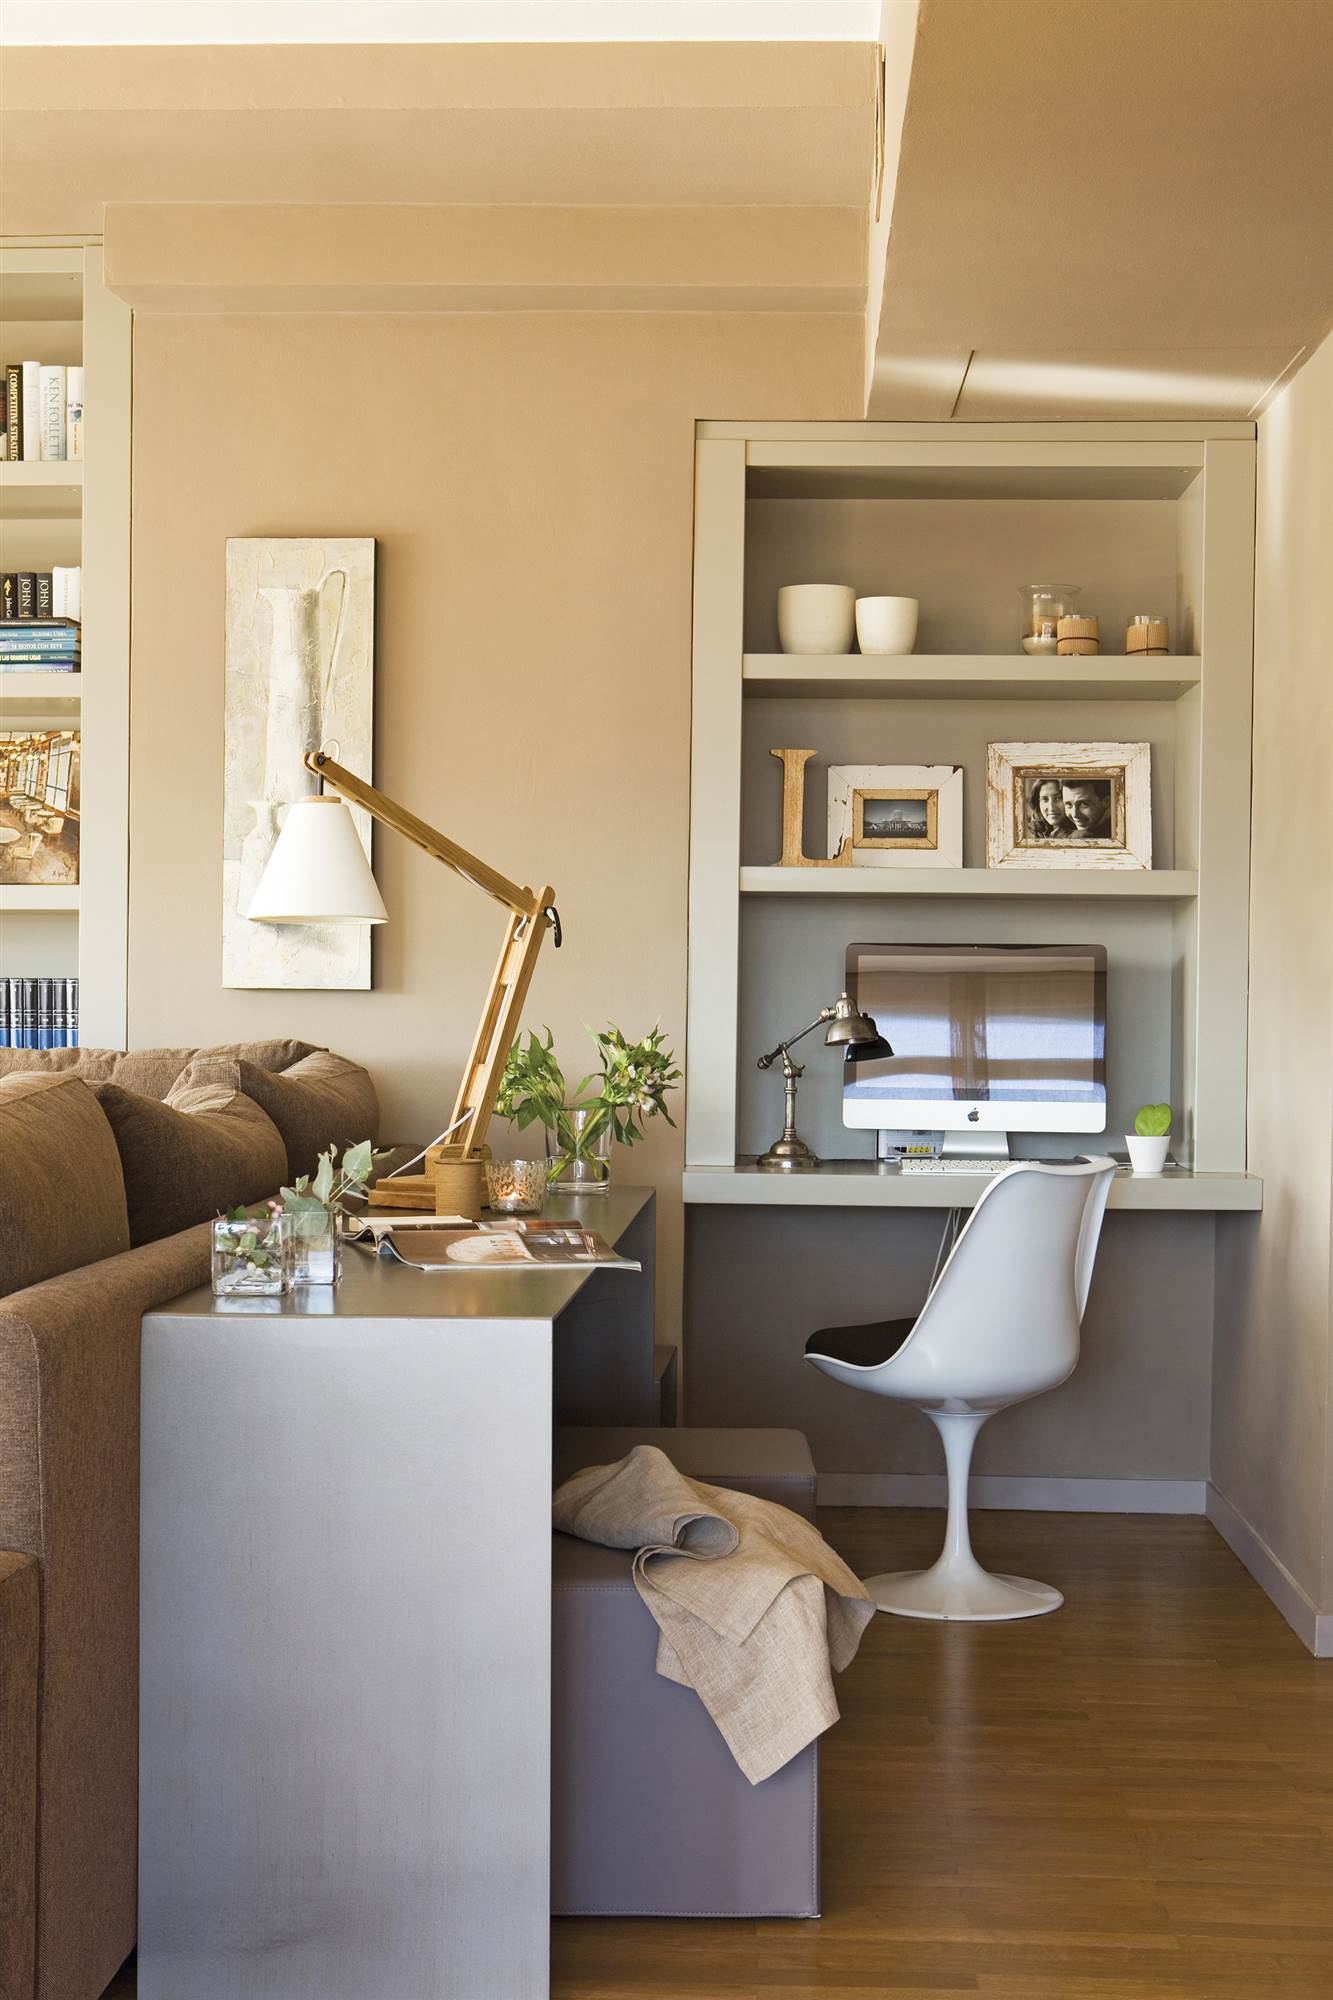 Estanter As De Dise O De El Mueble ~ Estanteria Separadora De Ambientes